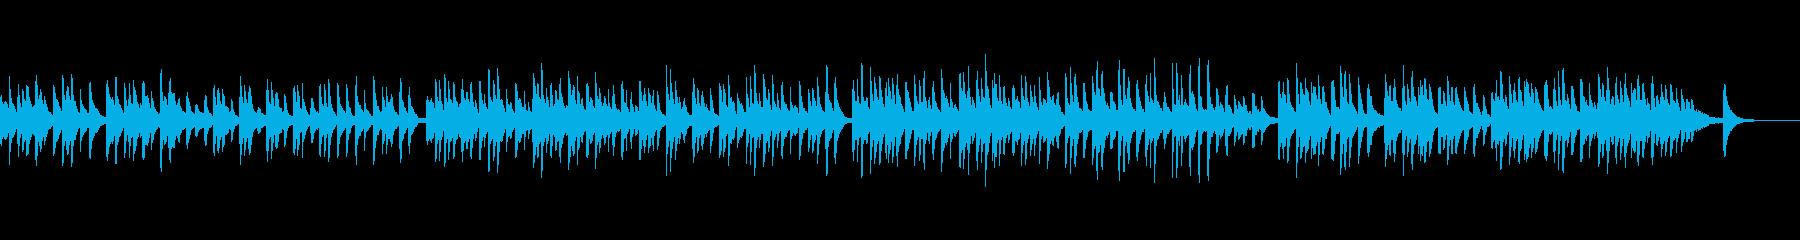 【琴・和風アレンジ】組曲「惑星」より木星の再生済みの波形